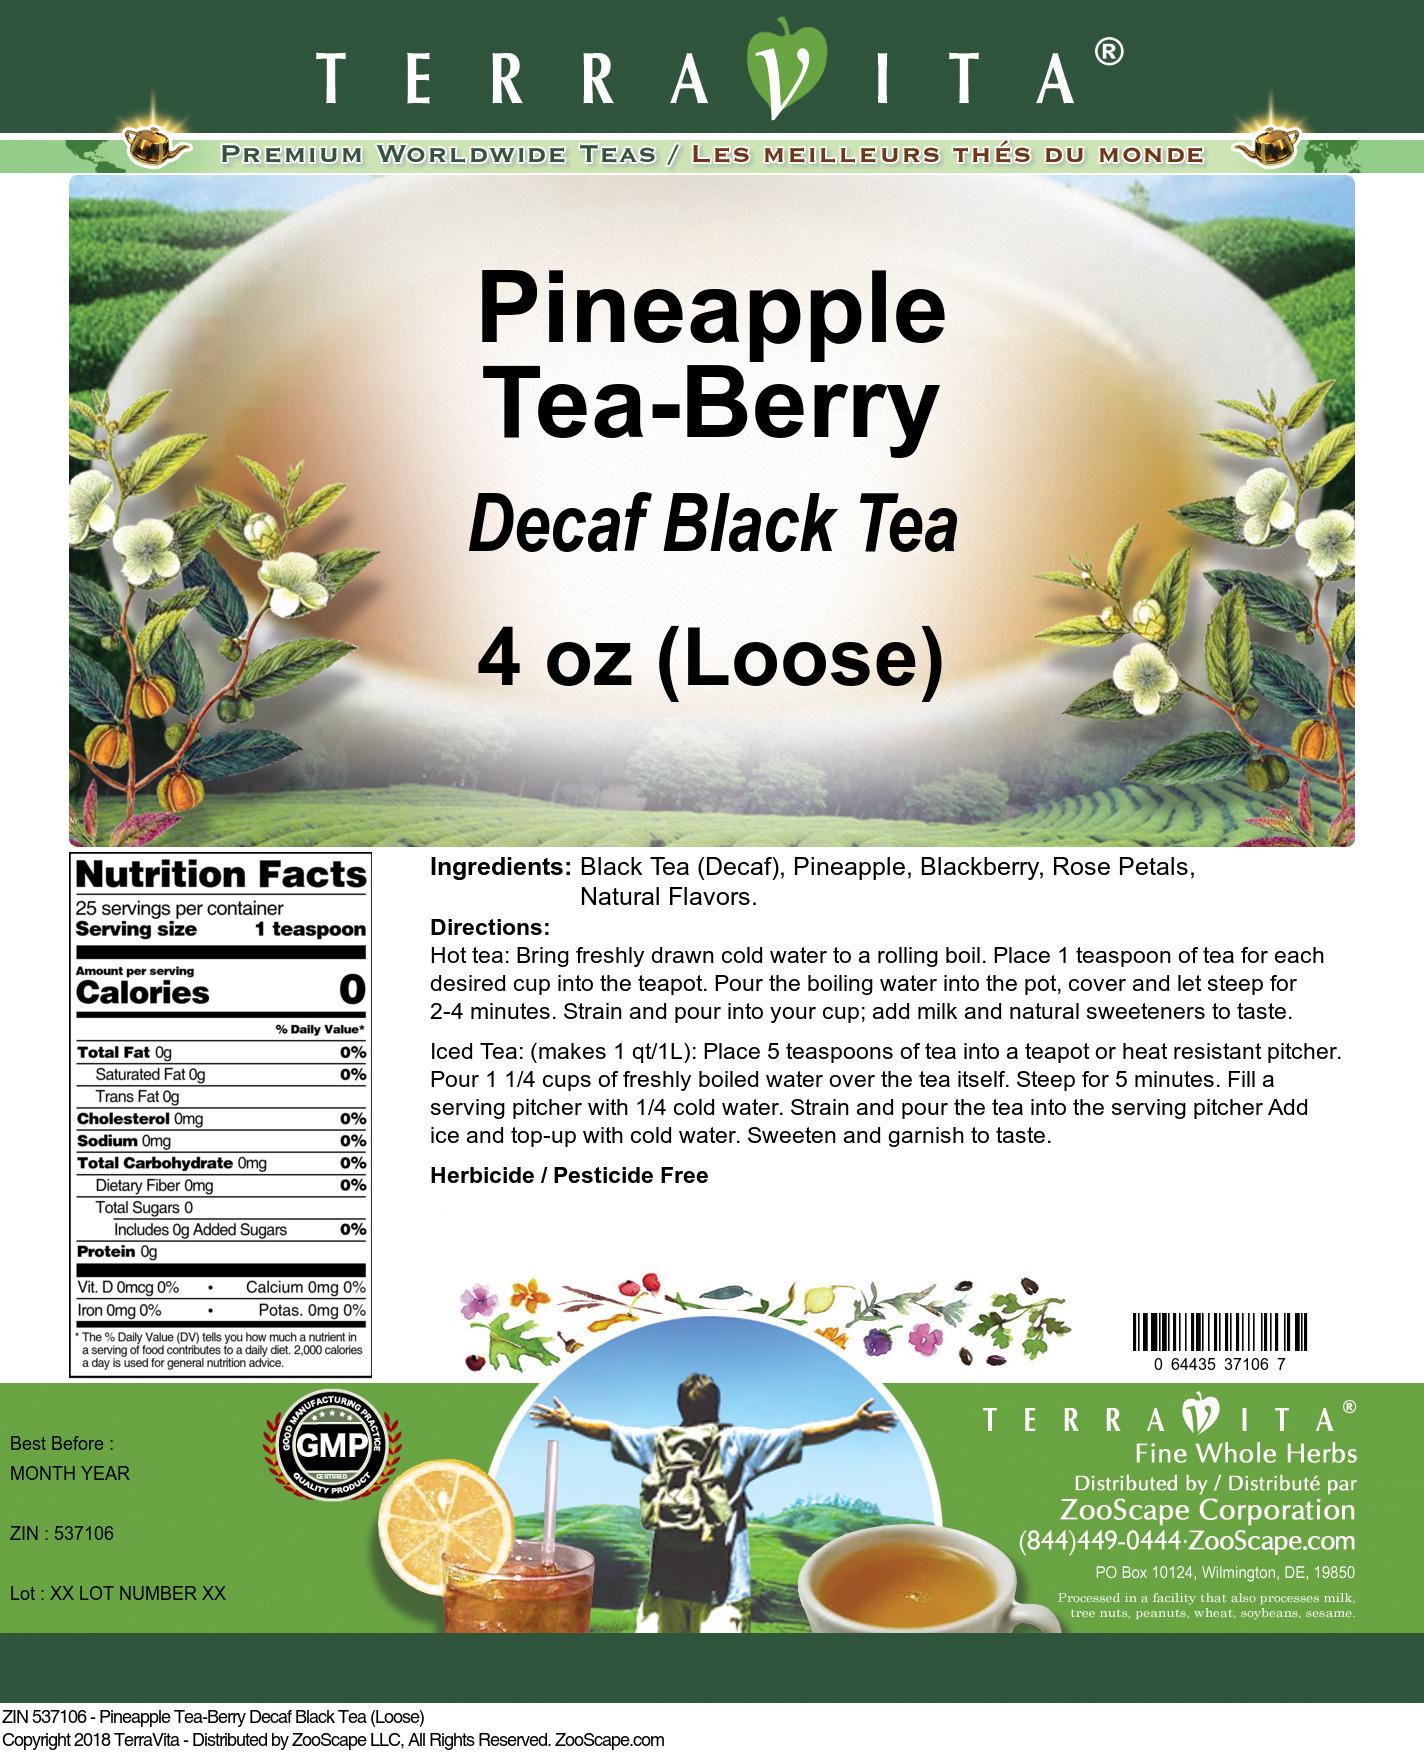 Pineapple Tea-Berry Decaf Black Tea